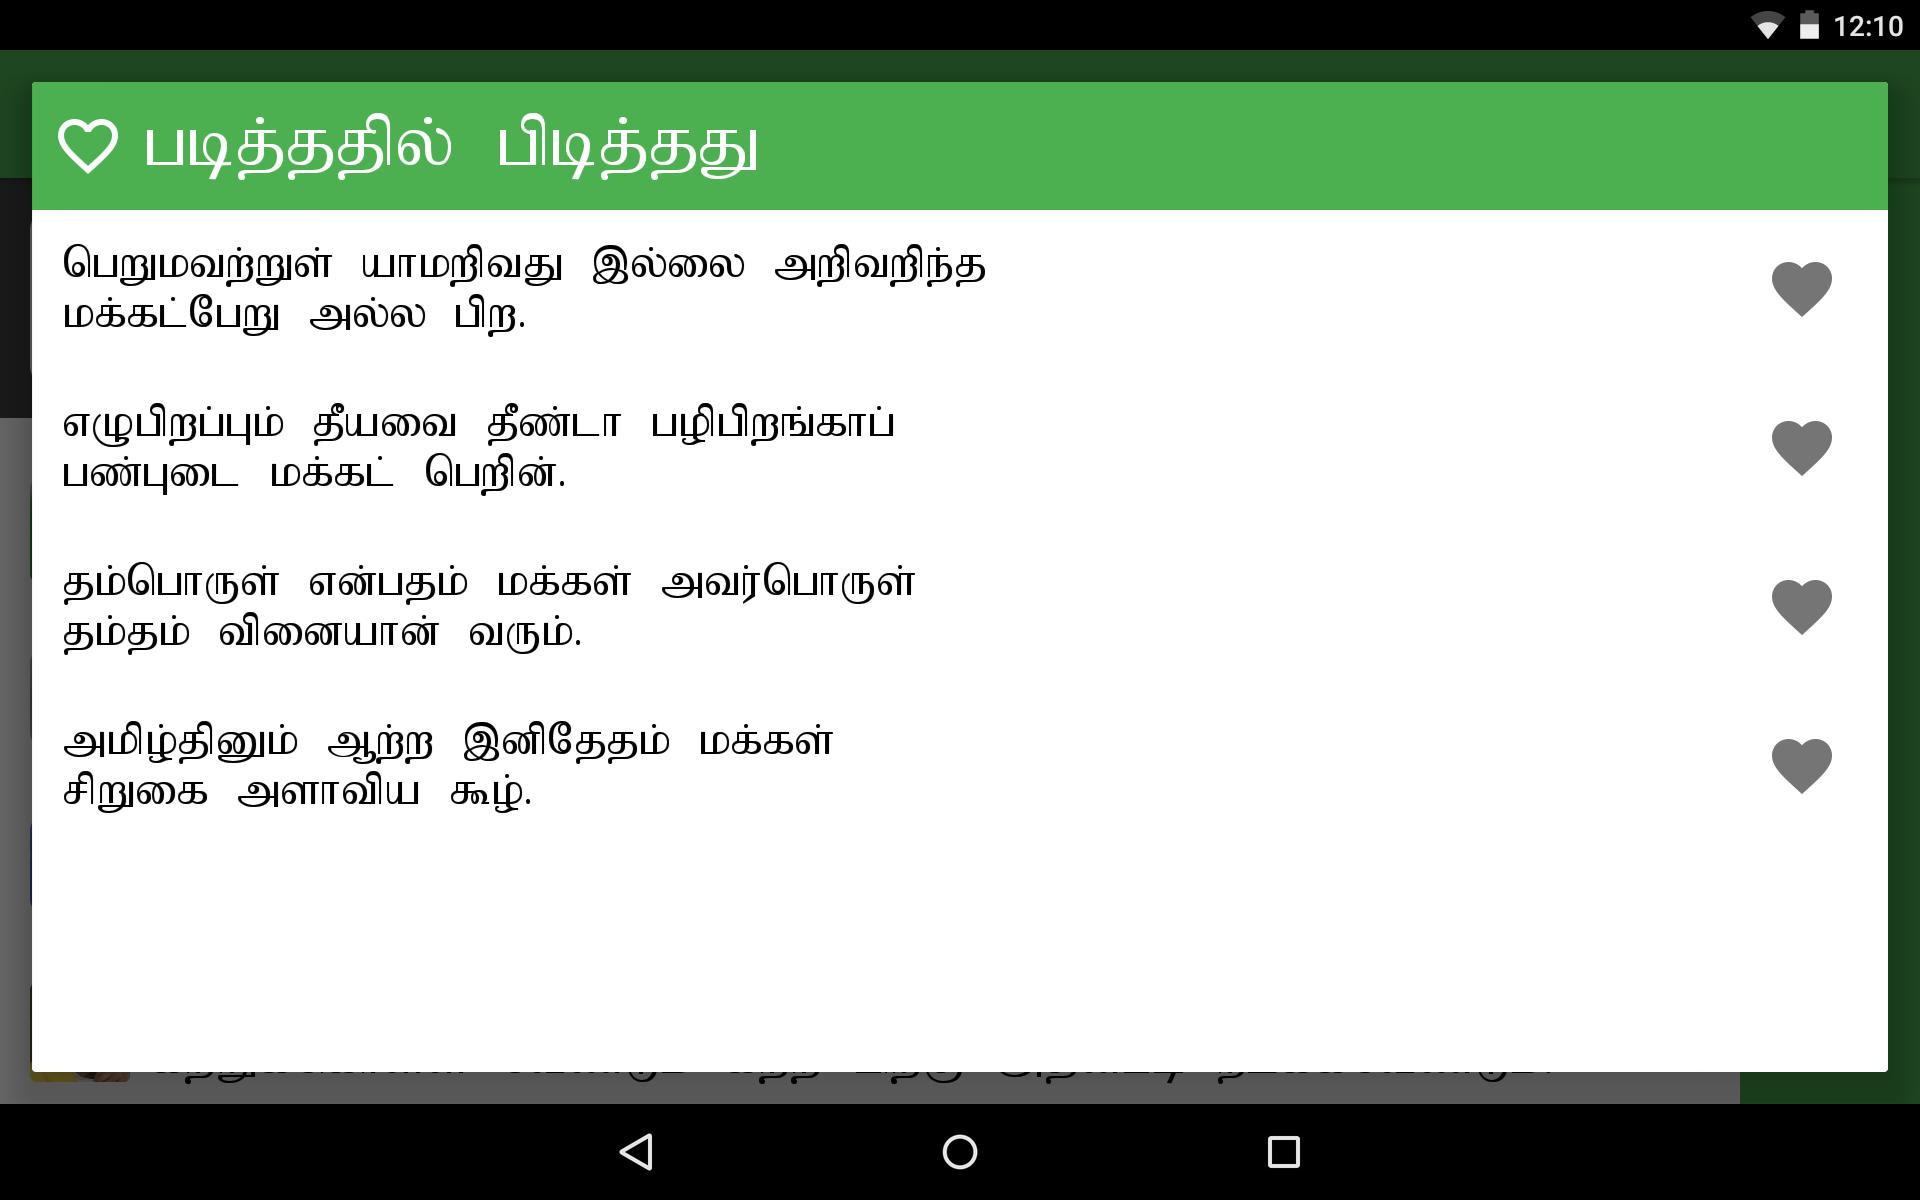 Amazon Com En Thirukkural என் திருக்குறள் Appstore For